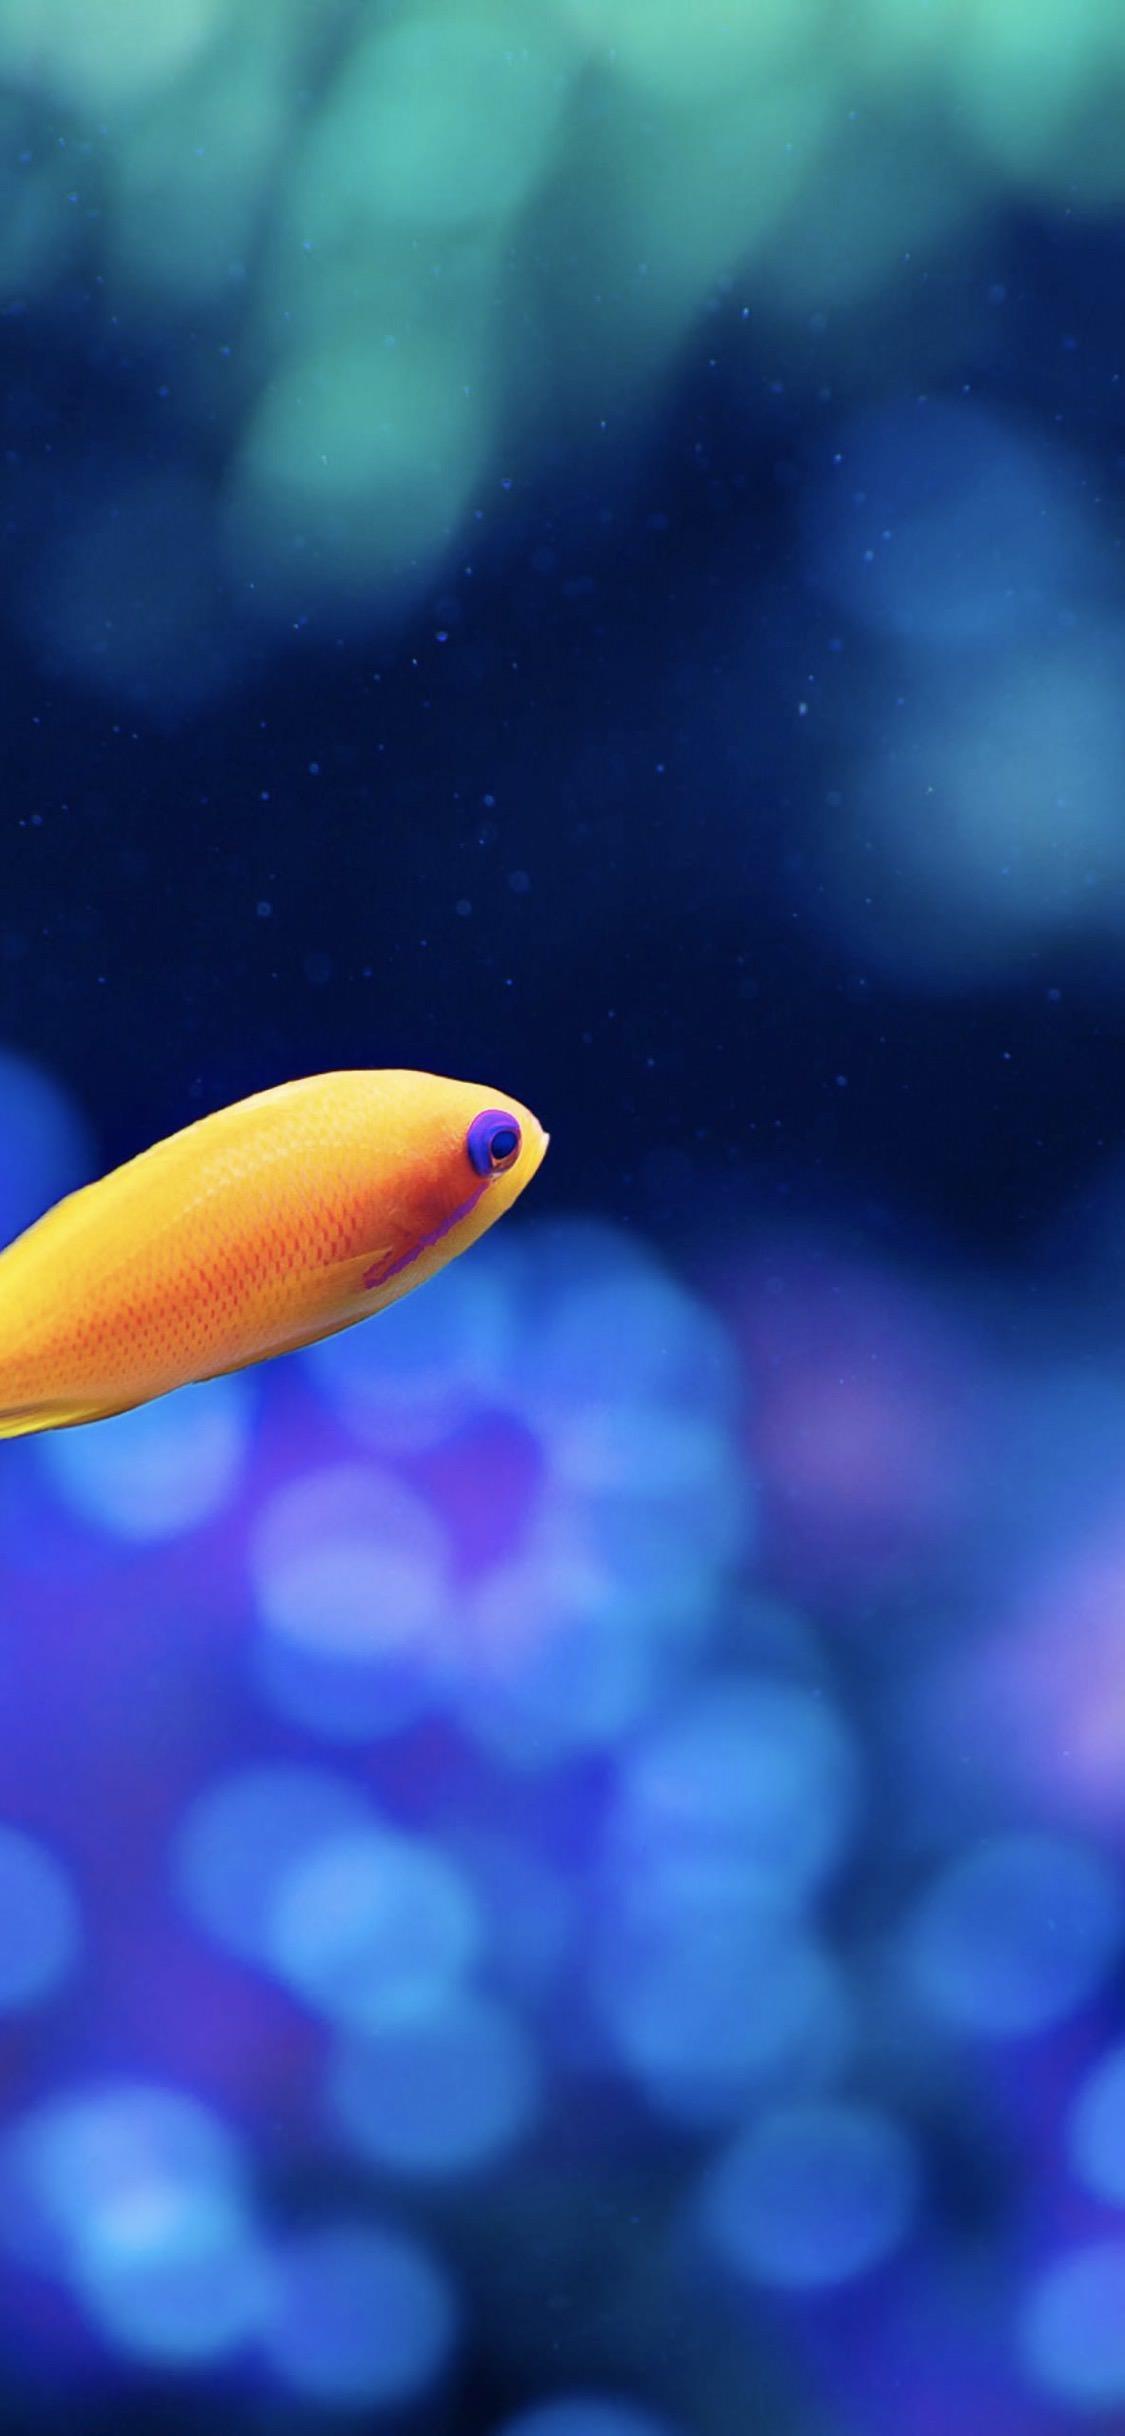 Un bellissimo pesce tropicale - Sfondi per iPhone, i migliori da scaricare gratis